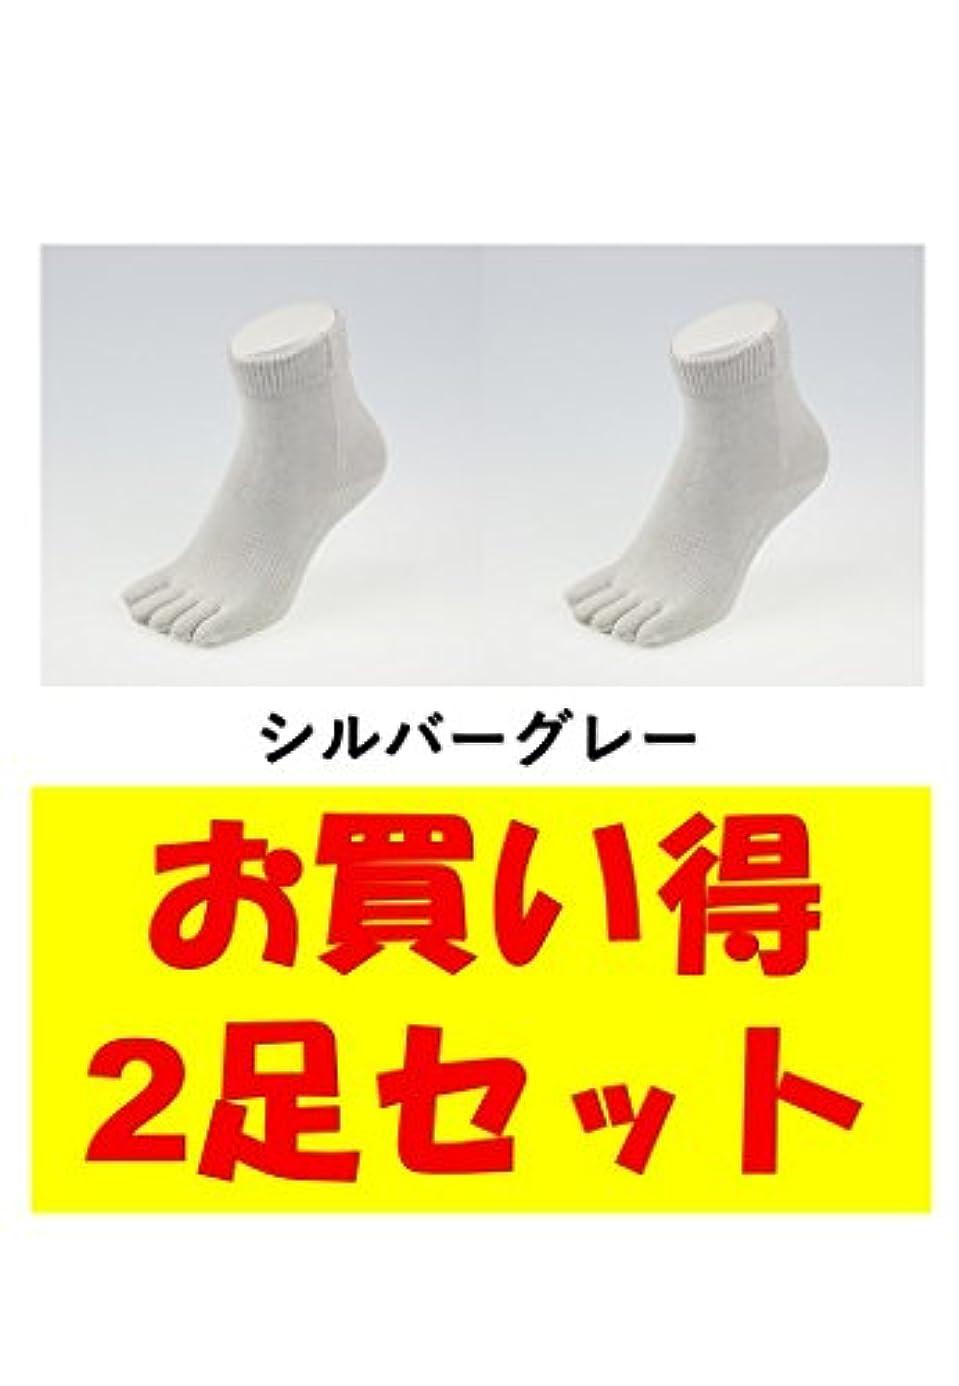 前にトンウィンクお買い得2足セット 5本指 ゆびのばソックス Neo EVE(イヴ) シルバーグレー iサイズ(23.5cm - 25.5cm) YSNEVE-SGL